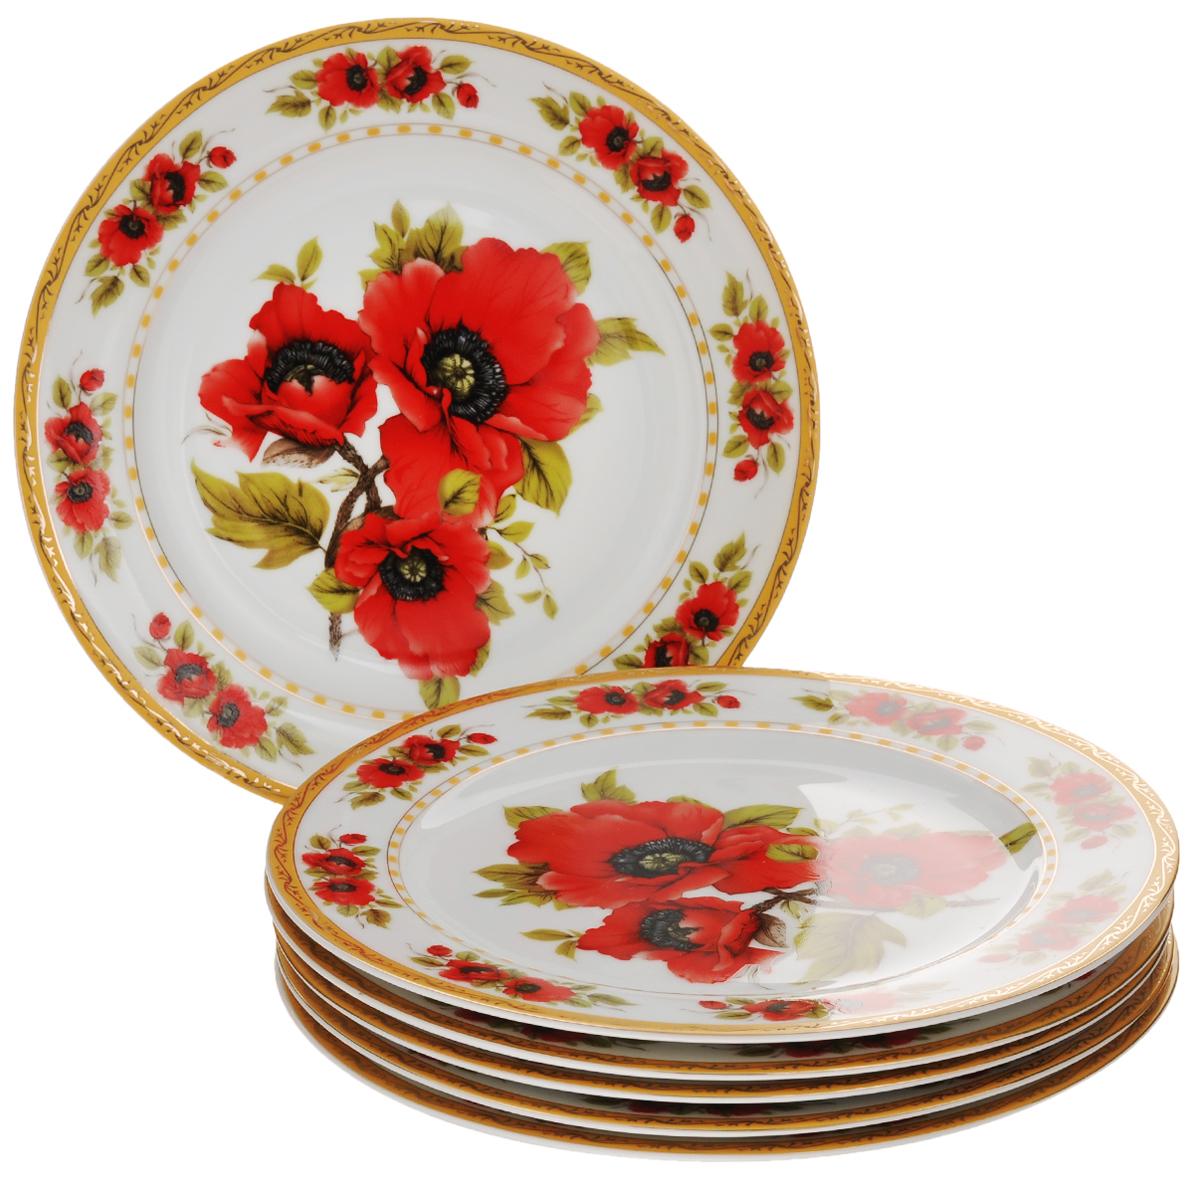 Набор обеденных тарелок Elan Gallery Маки, диаметр 23 см, 6 шт54 009312Набор Elan Gallery Маки состоит из 6 обеденных тарелок, выполненных из высококачественной керамики. Изделия предназначены для красивой сервировки различных блюд и украшены цветочным рисунком. Набор сочетает в себе стильный дизайн с максимальной функциональностью. Оригинальность оформления придется по вкусу и ценителям классики, и тем, кто предпочитает утонченность и изящность.Не использовать в микроволновой печи. Диаметр тарелки (по верхнему краю): 23 см.Высота тарелки: 1,7 см.